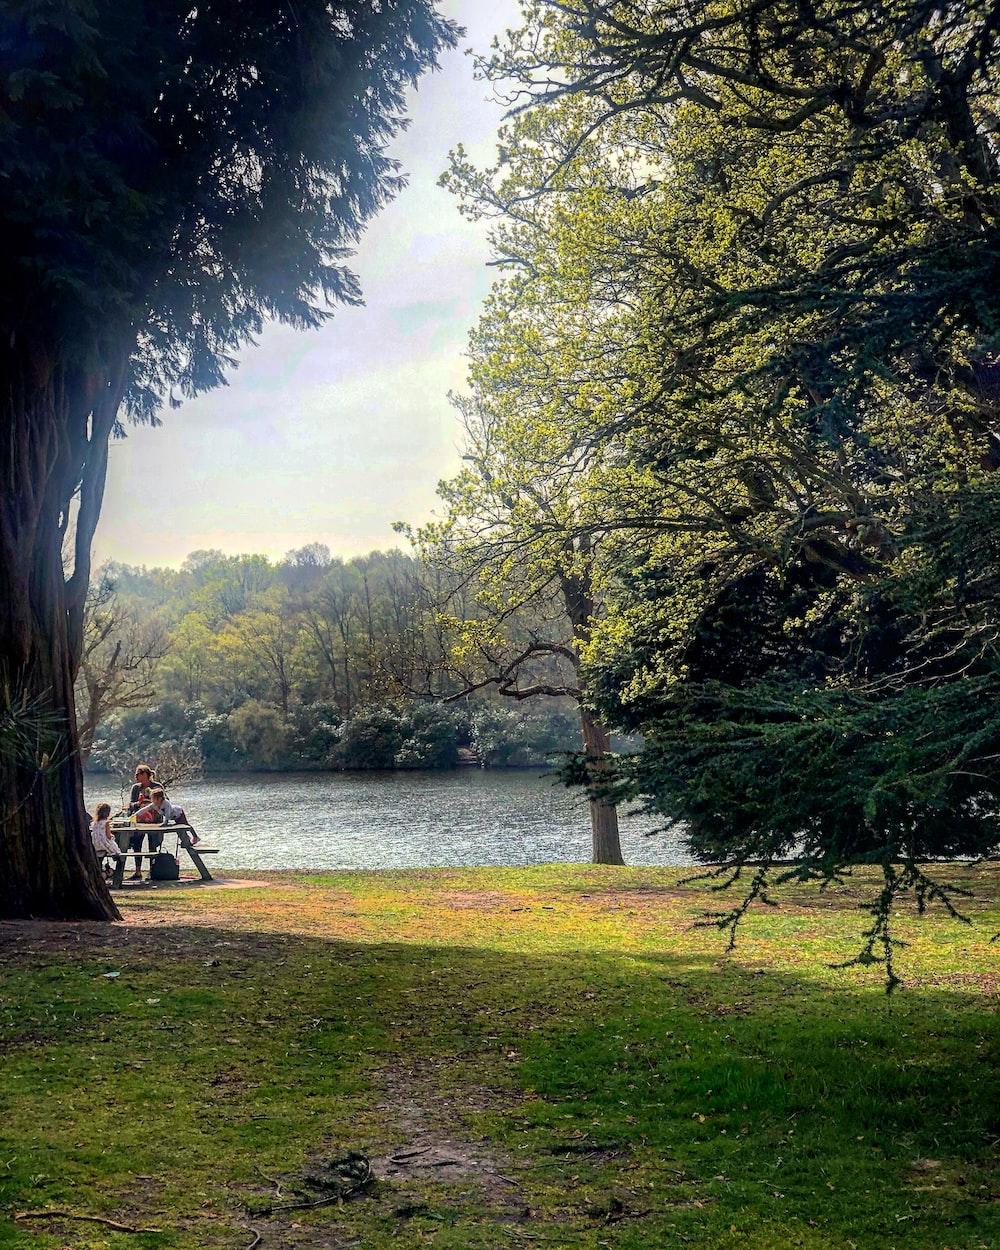 people sitting on bench near lake during daytime